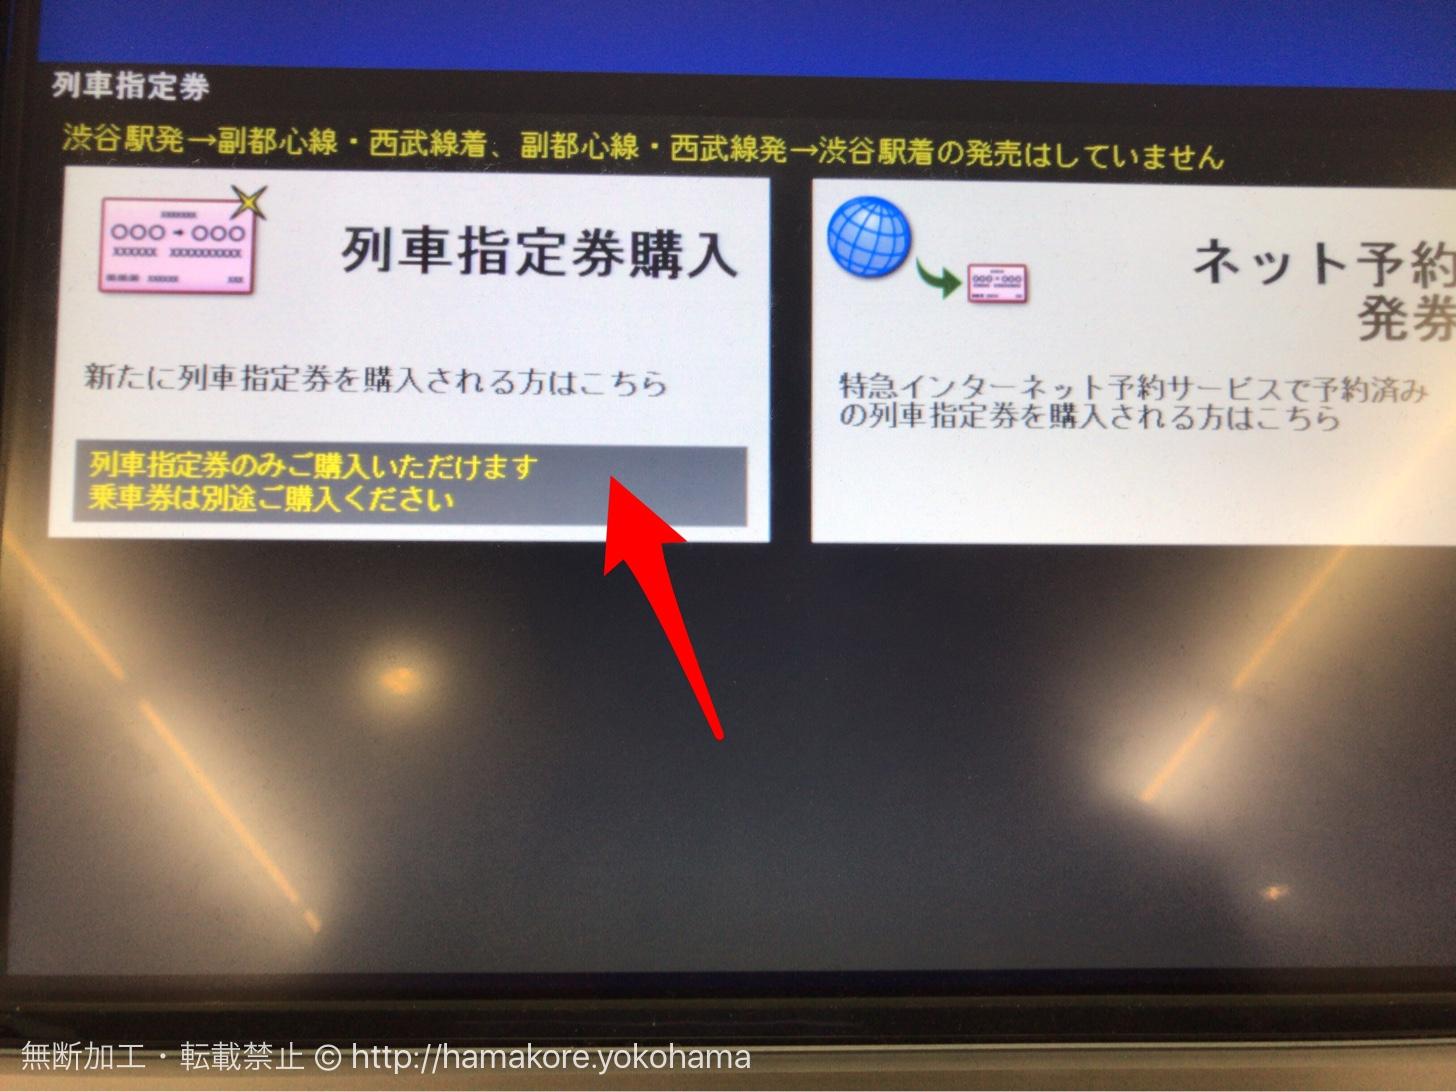 「列車指定券購入」を選択